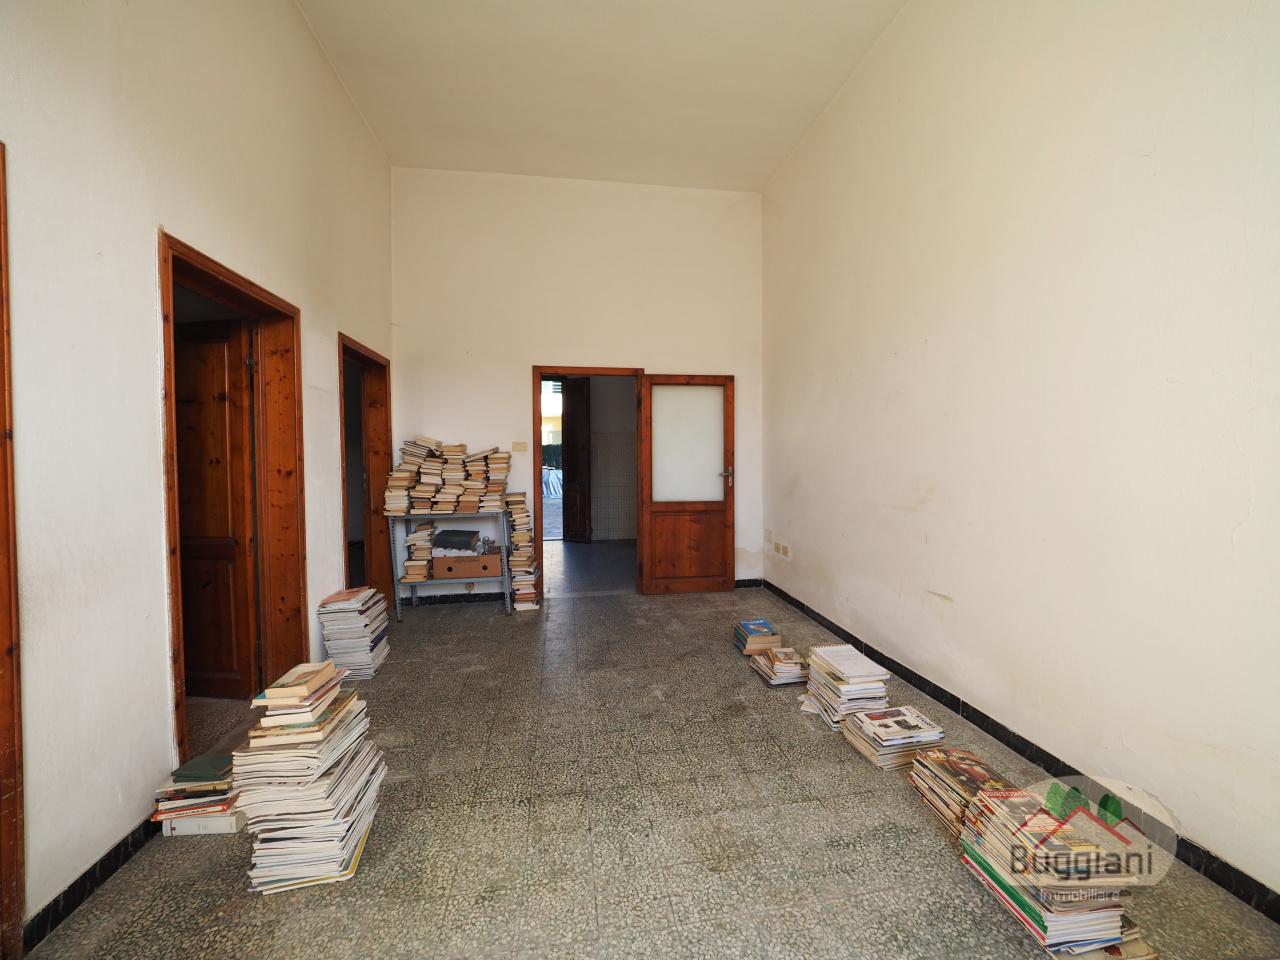 Appartamento in vendita RIF. 1663, San Miniato (PI)